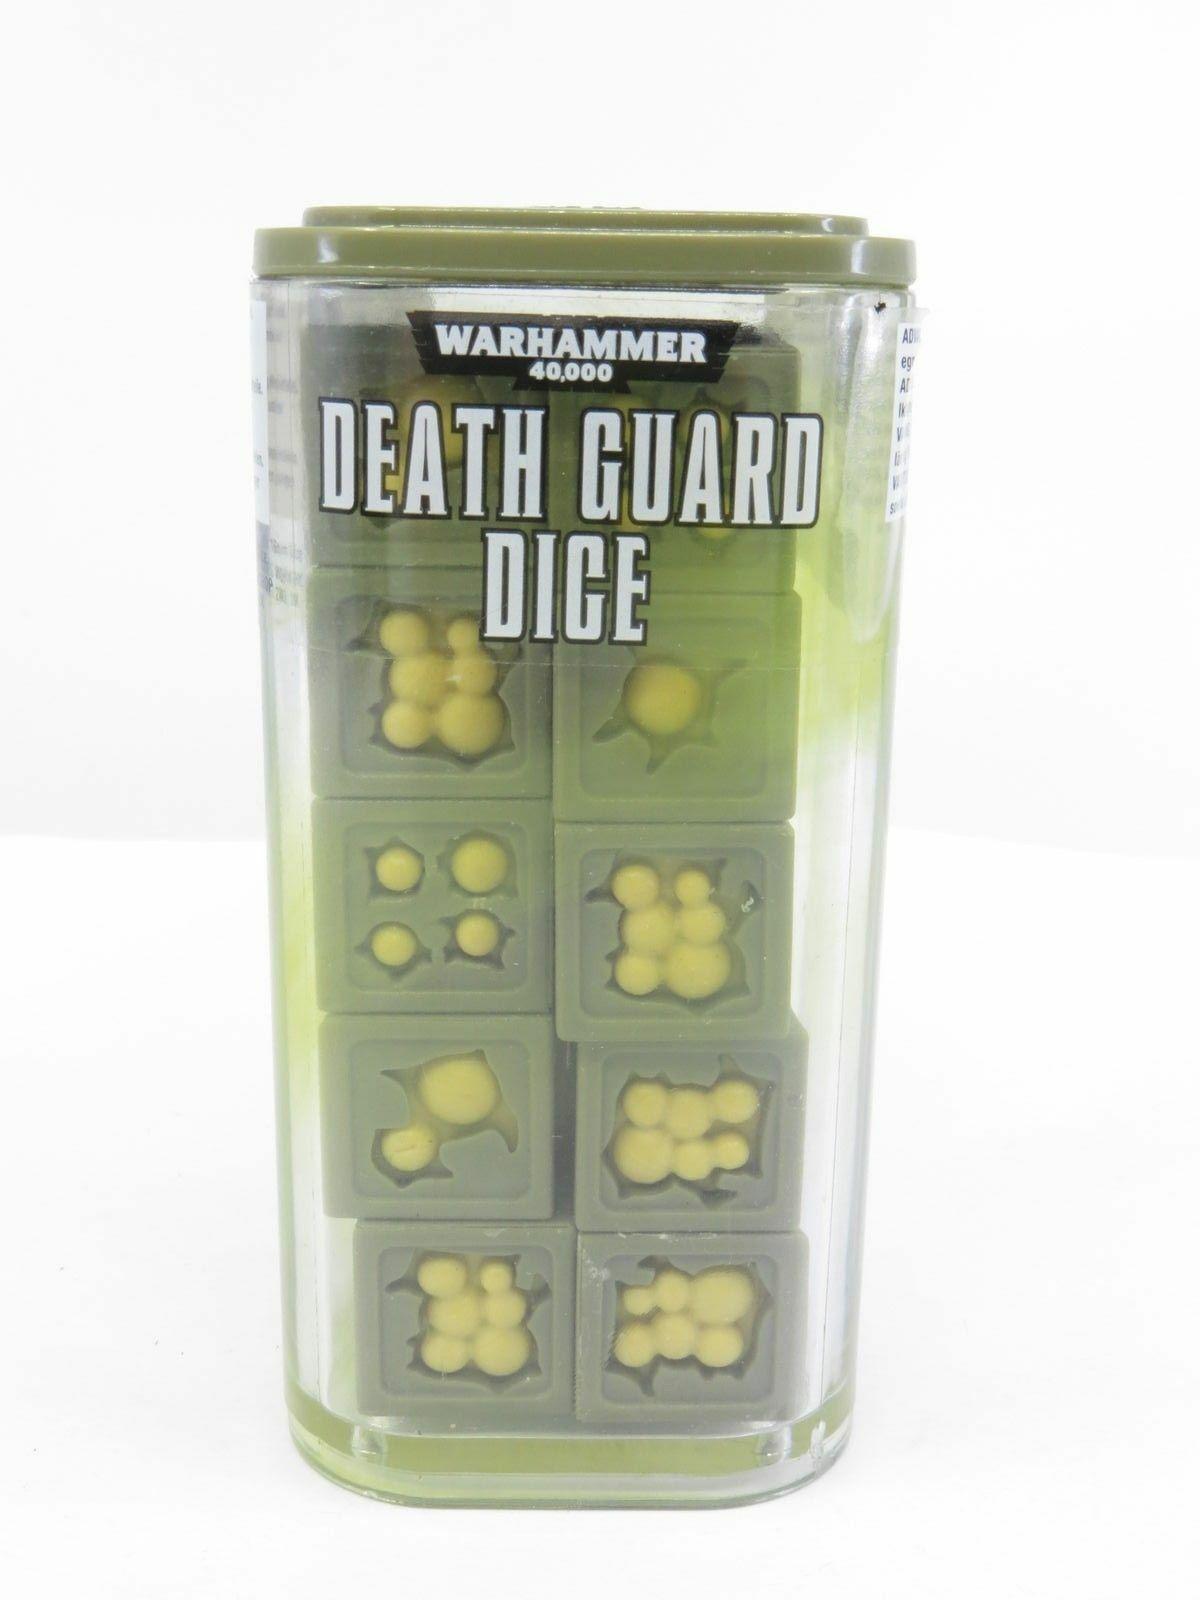 GAMES WORKSHOP WARHAMMER 40K - NURGLE DEATH GUARD DICE - OOP BNIB